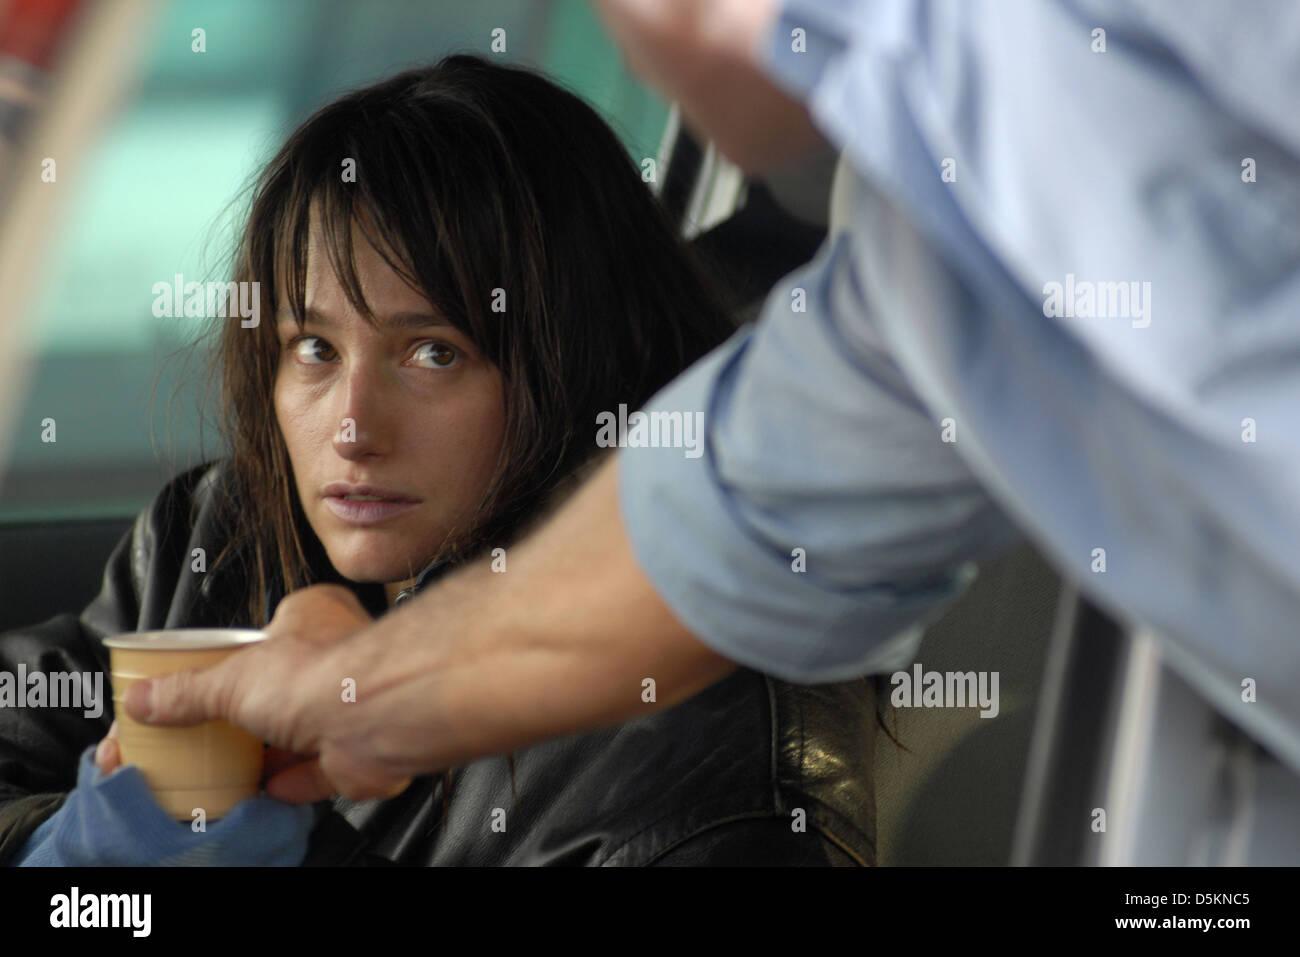 MARIE GILLAIN ALL OUR DESIRES; TOUTES NOS ENVIES (2011) - Stock Image